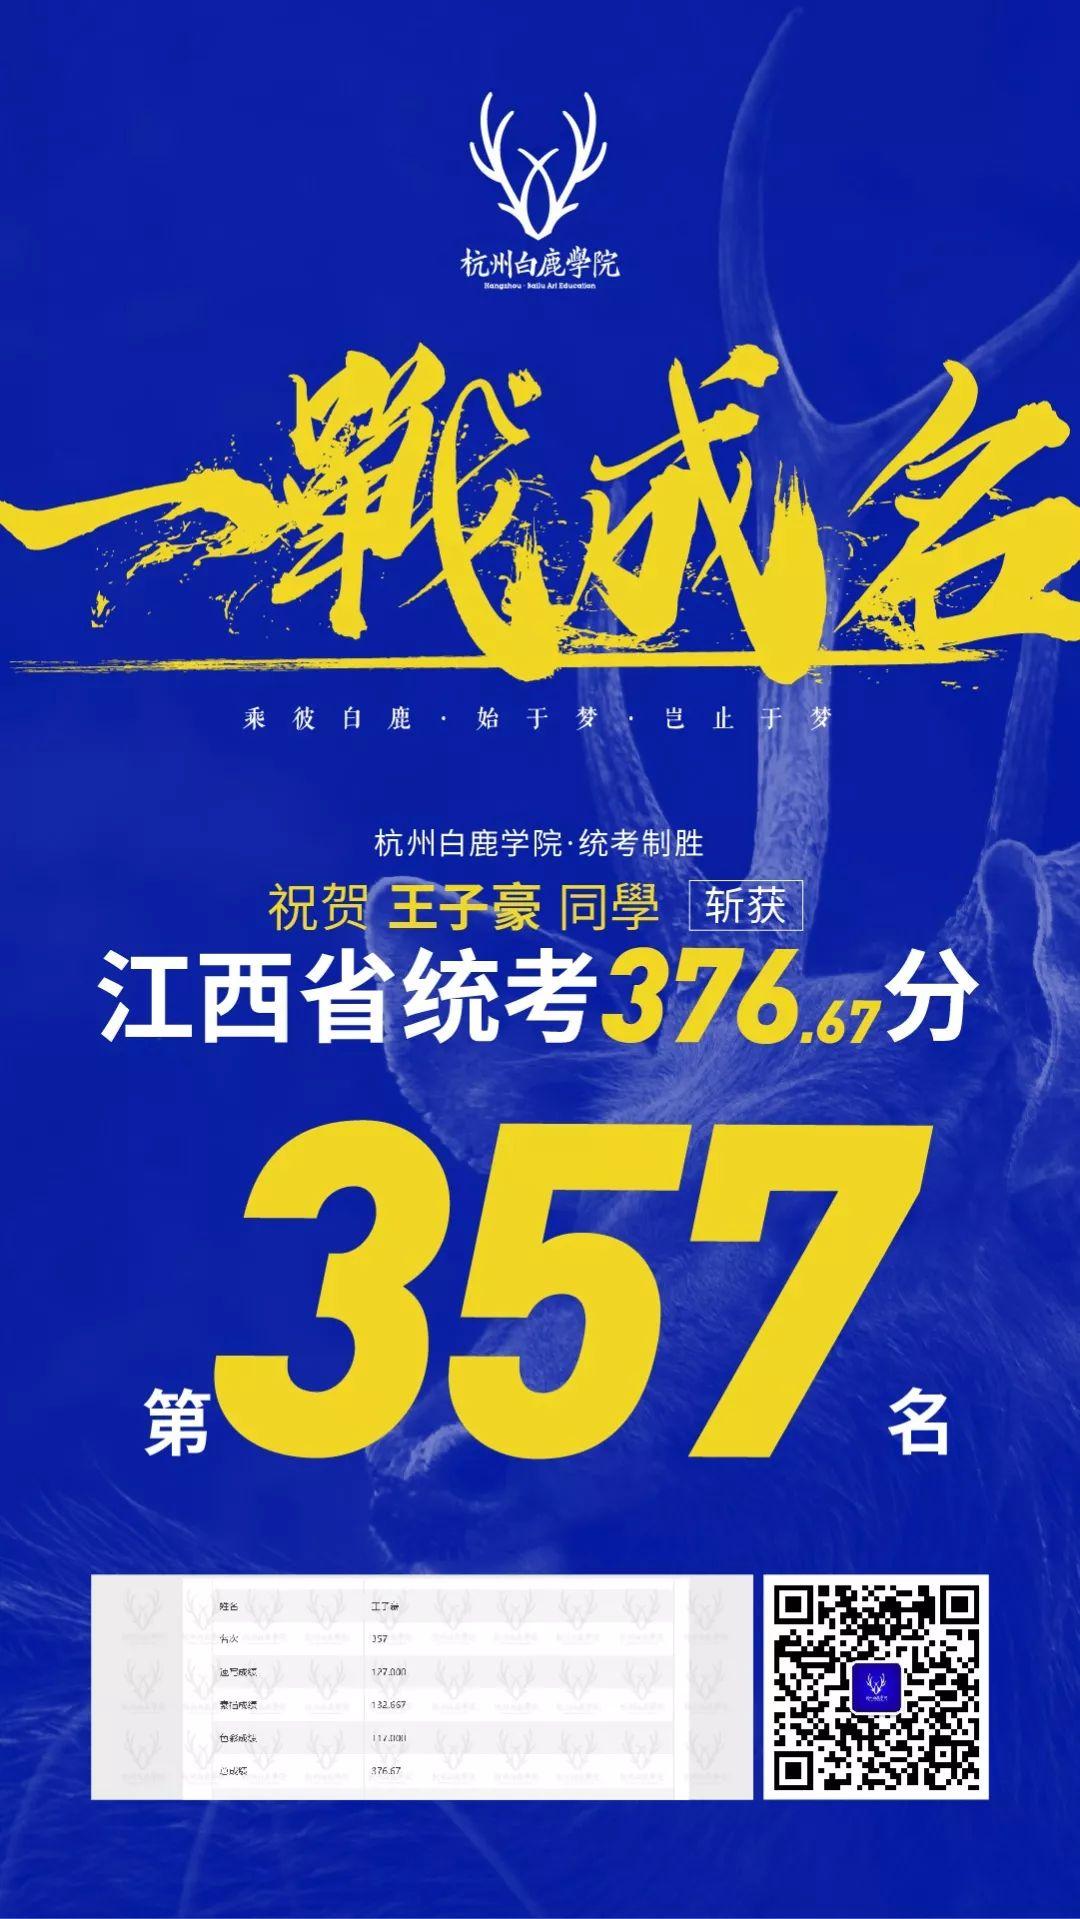 杭州画室,杭州美术培训,杭州联考美术培训,14